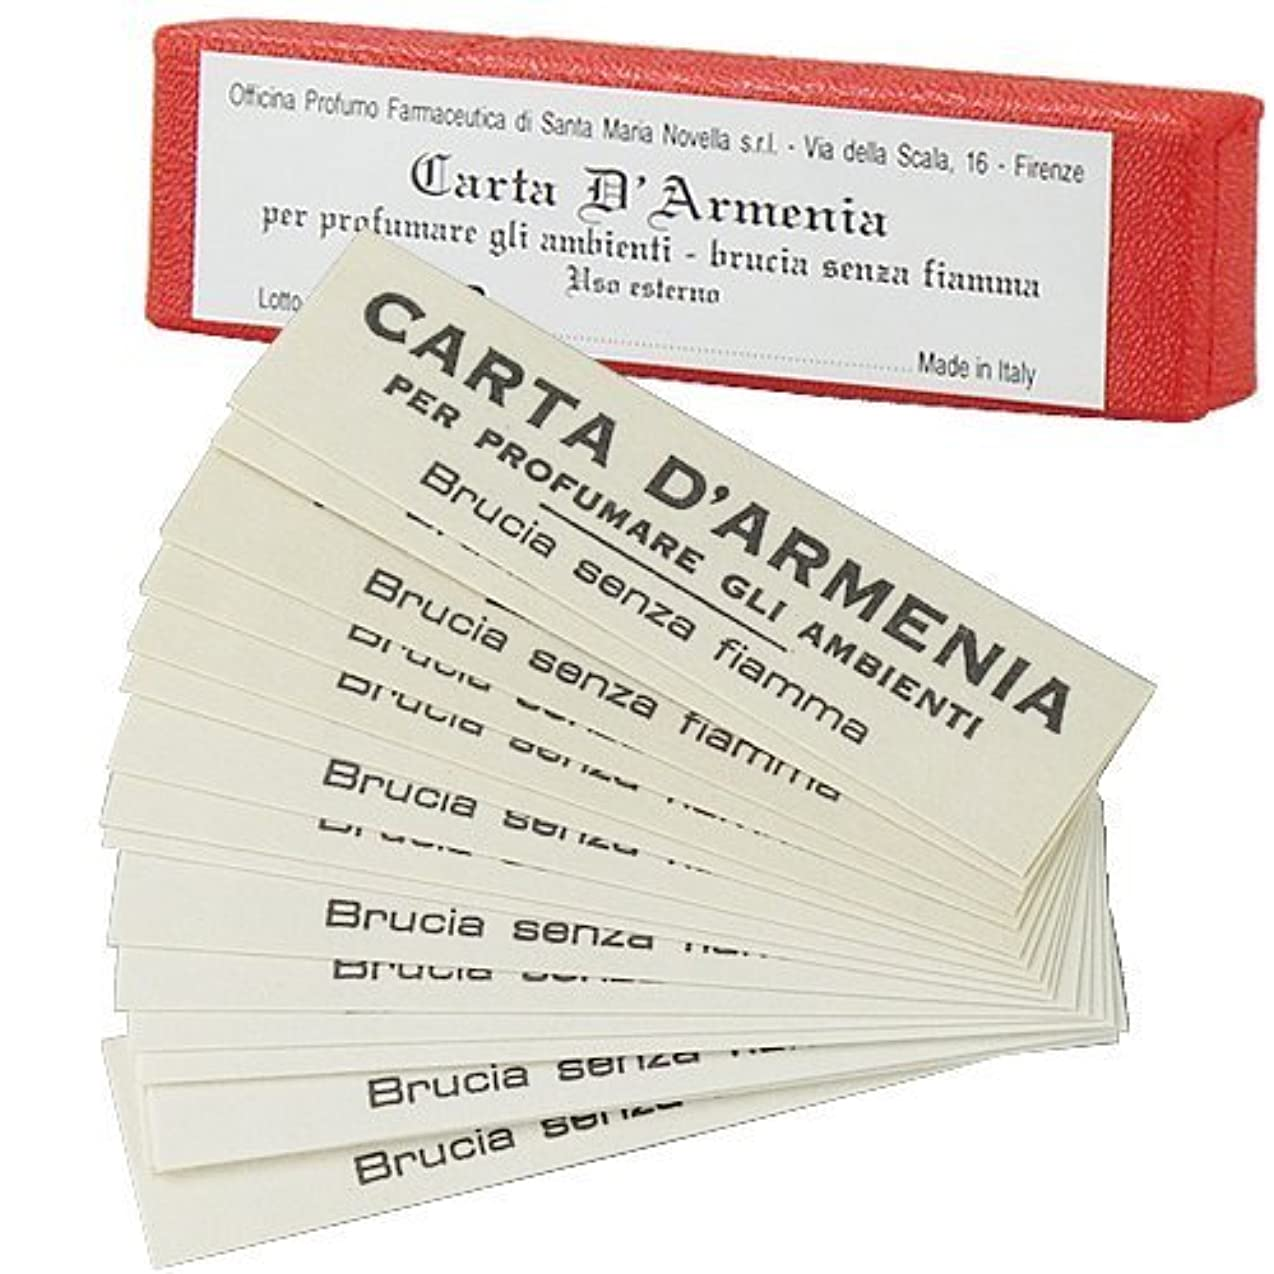 無傷まさにずっとサンタマリアノヴェッラ アルメニア紙(お香) [並行輸入品] 18枚入り